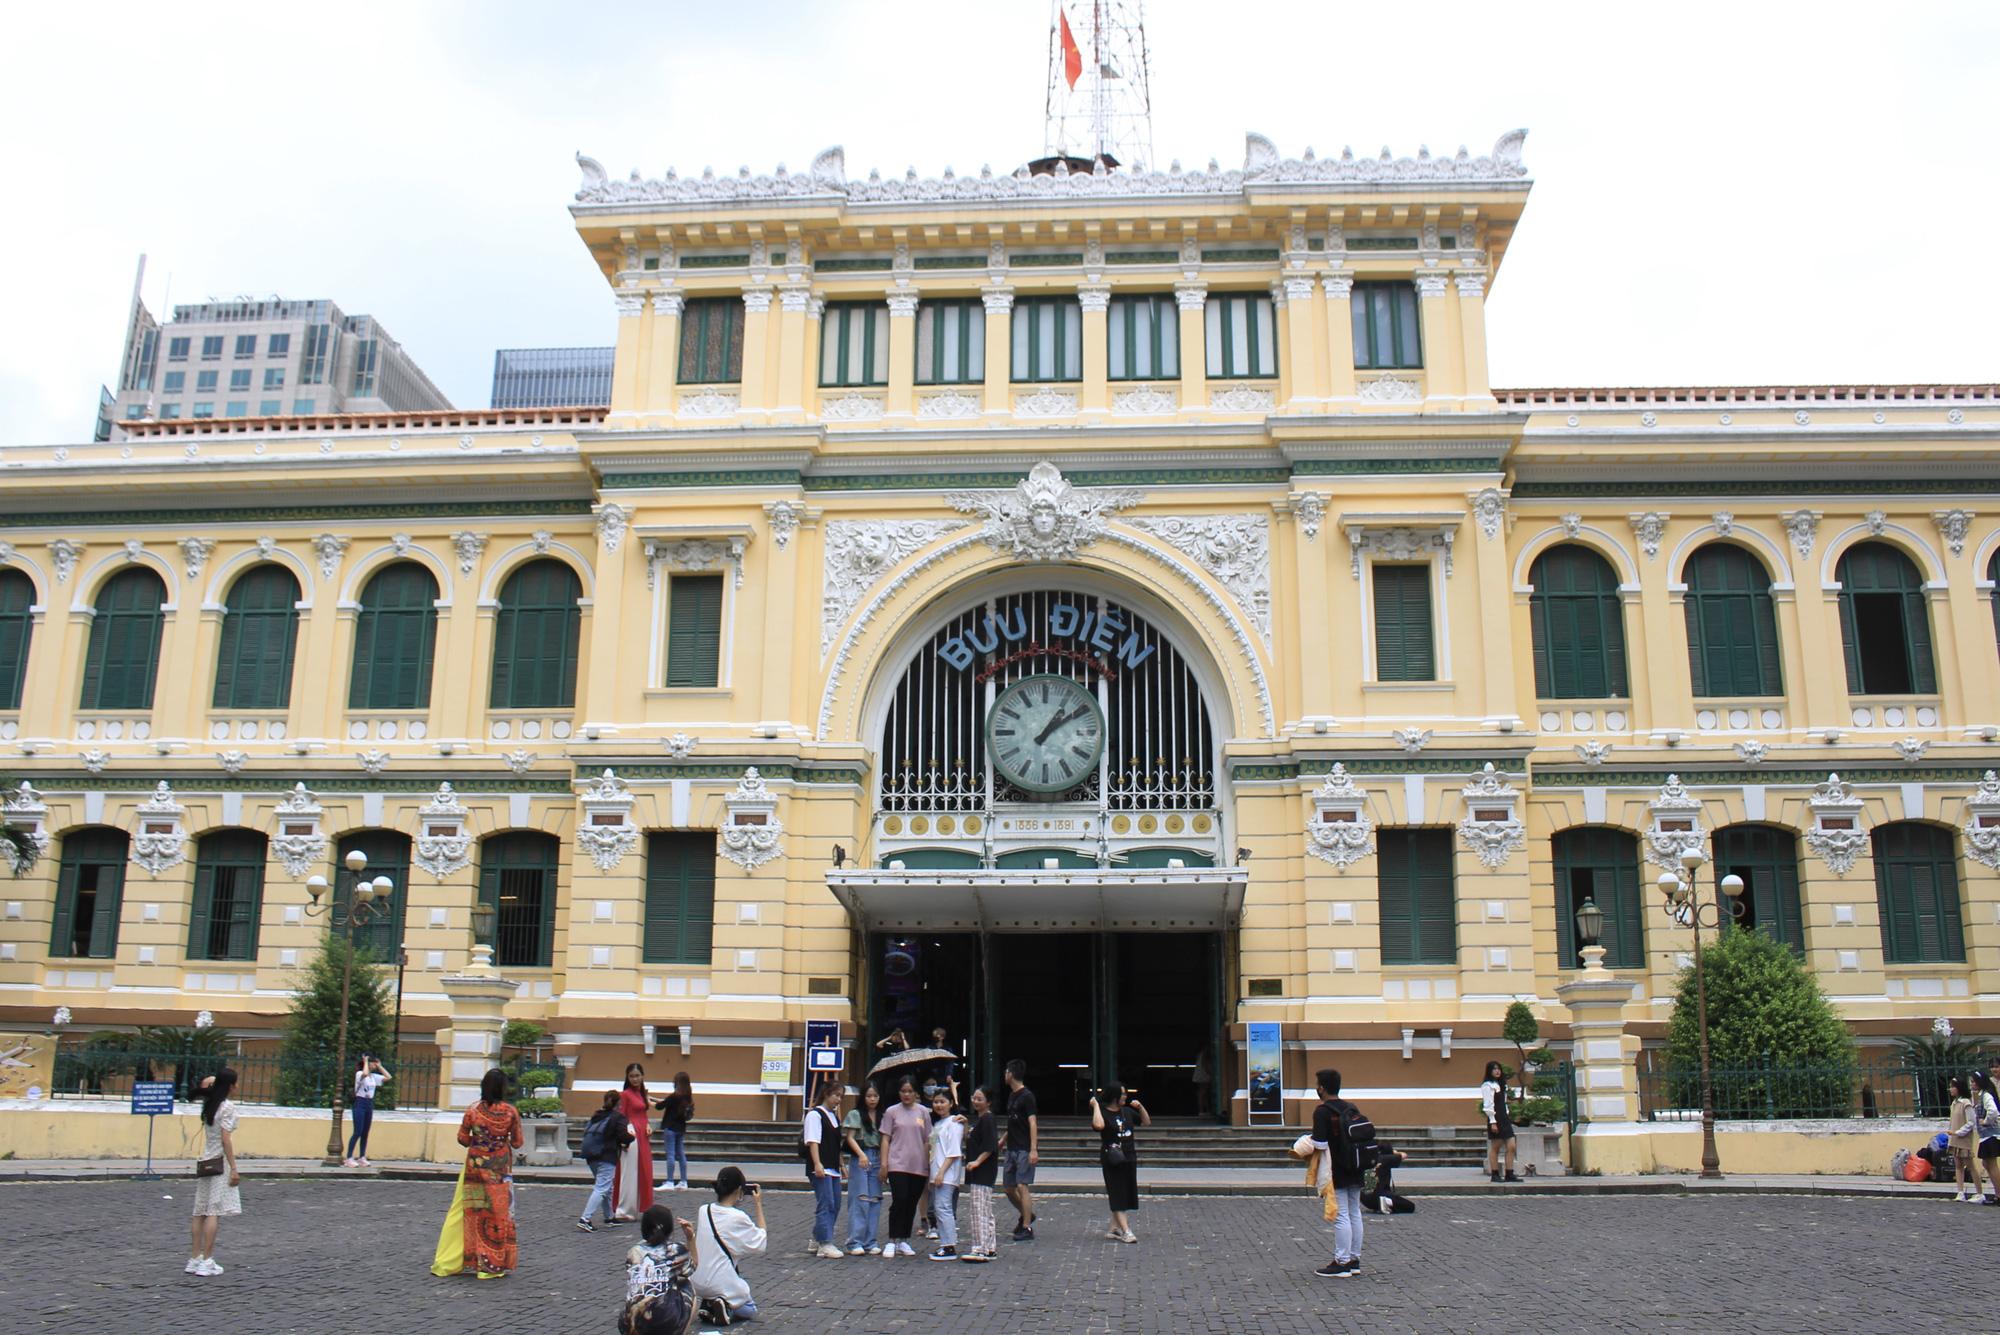 TP.HCM: Thảo Cầm Viên Sài Gòn, Đường sách đông nghẹt ngày Giỗ tổ Hùng Vương - Ảnh 7.